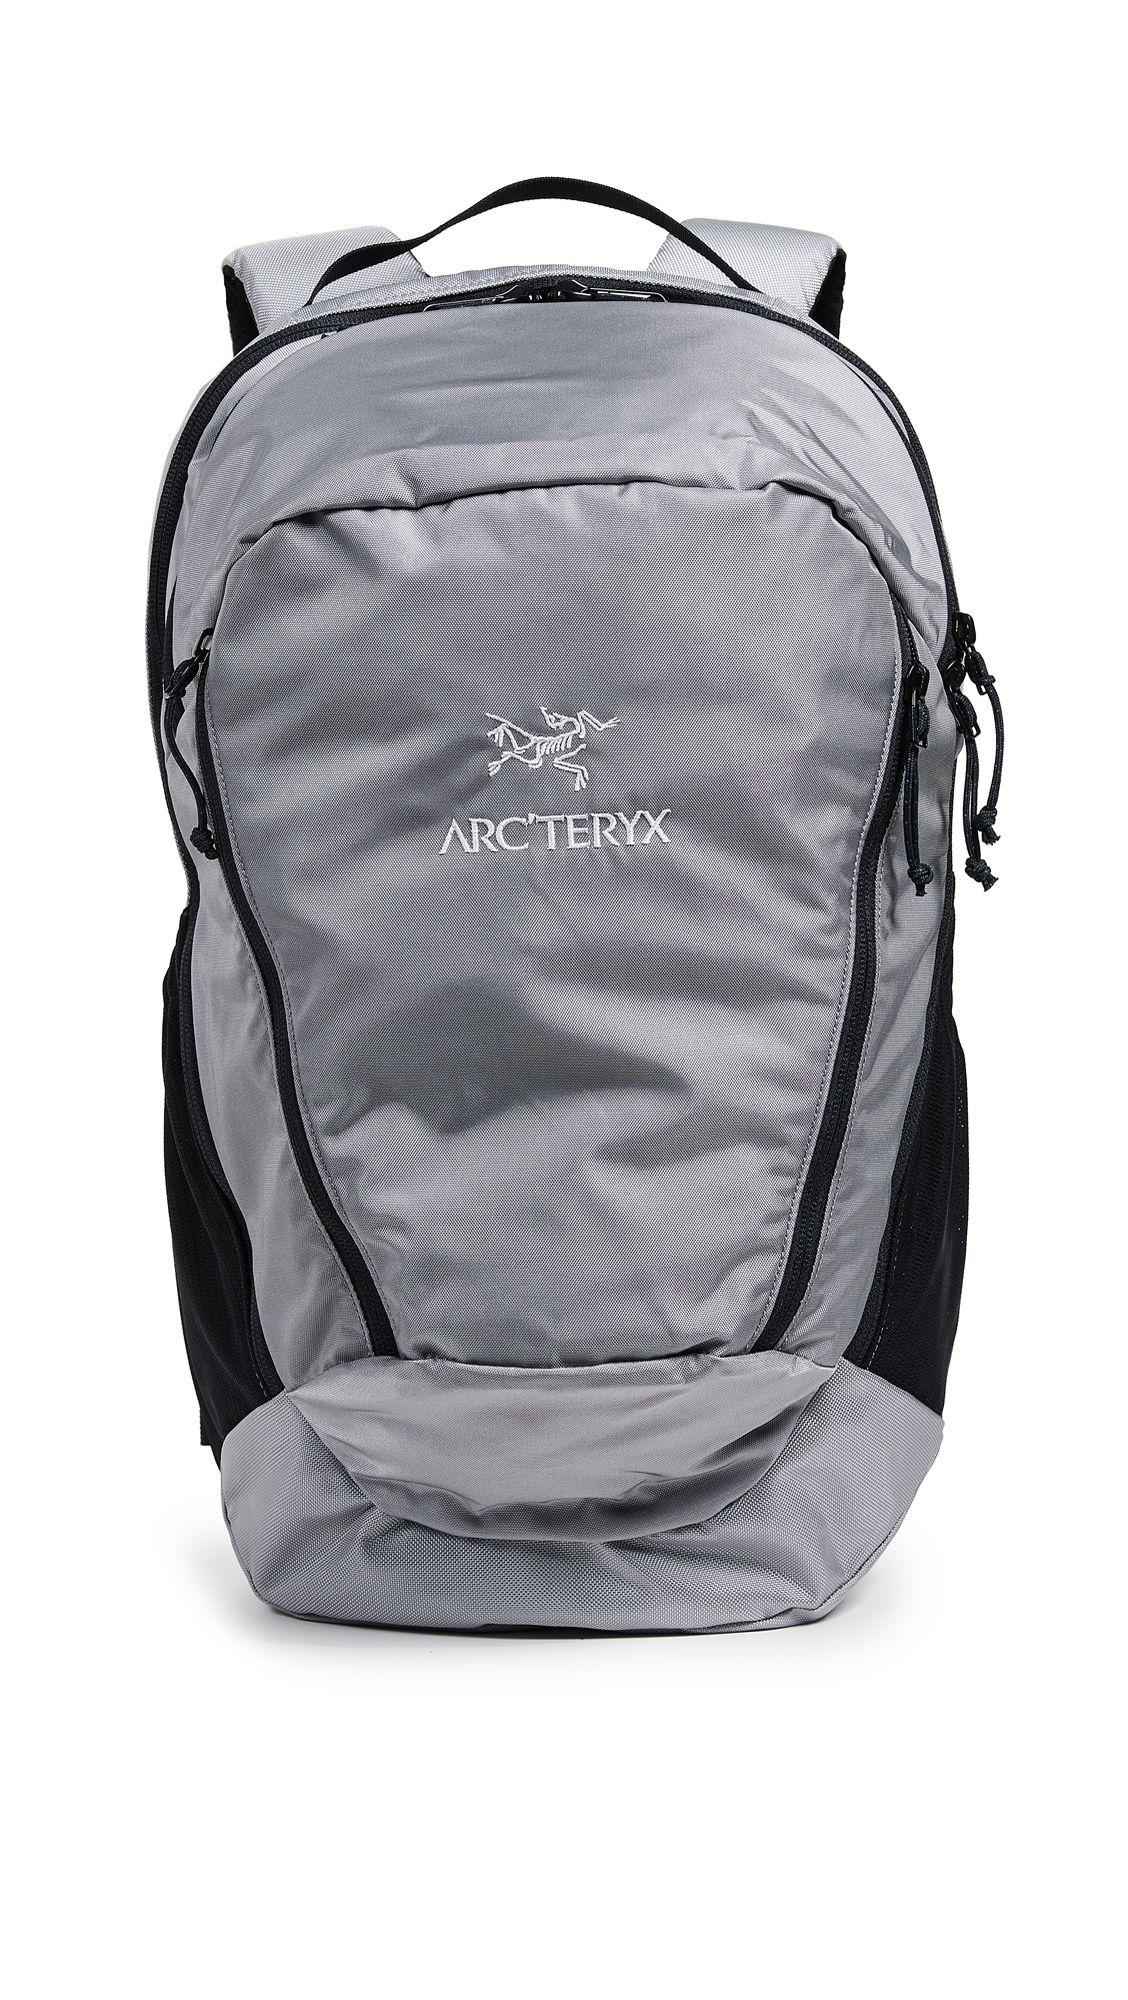 da85d726363 ARC'TERYX MANTIS 26 BACKPACK. #arcteryx #bags #nylon #backpacks ...